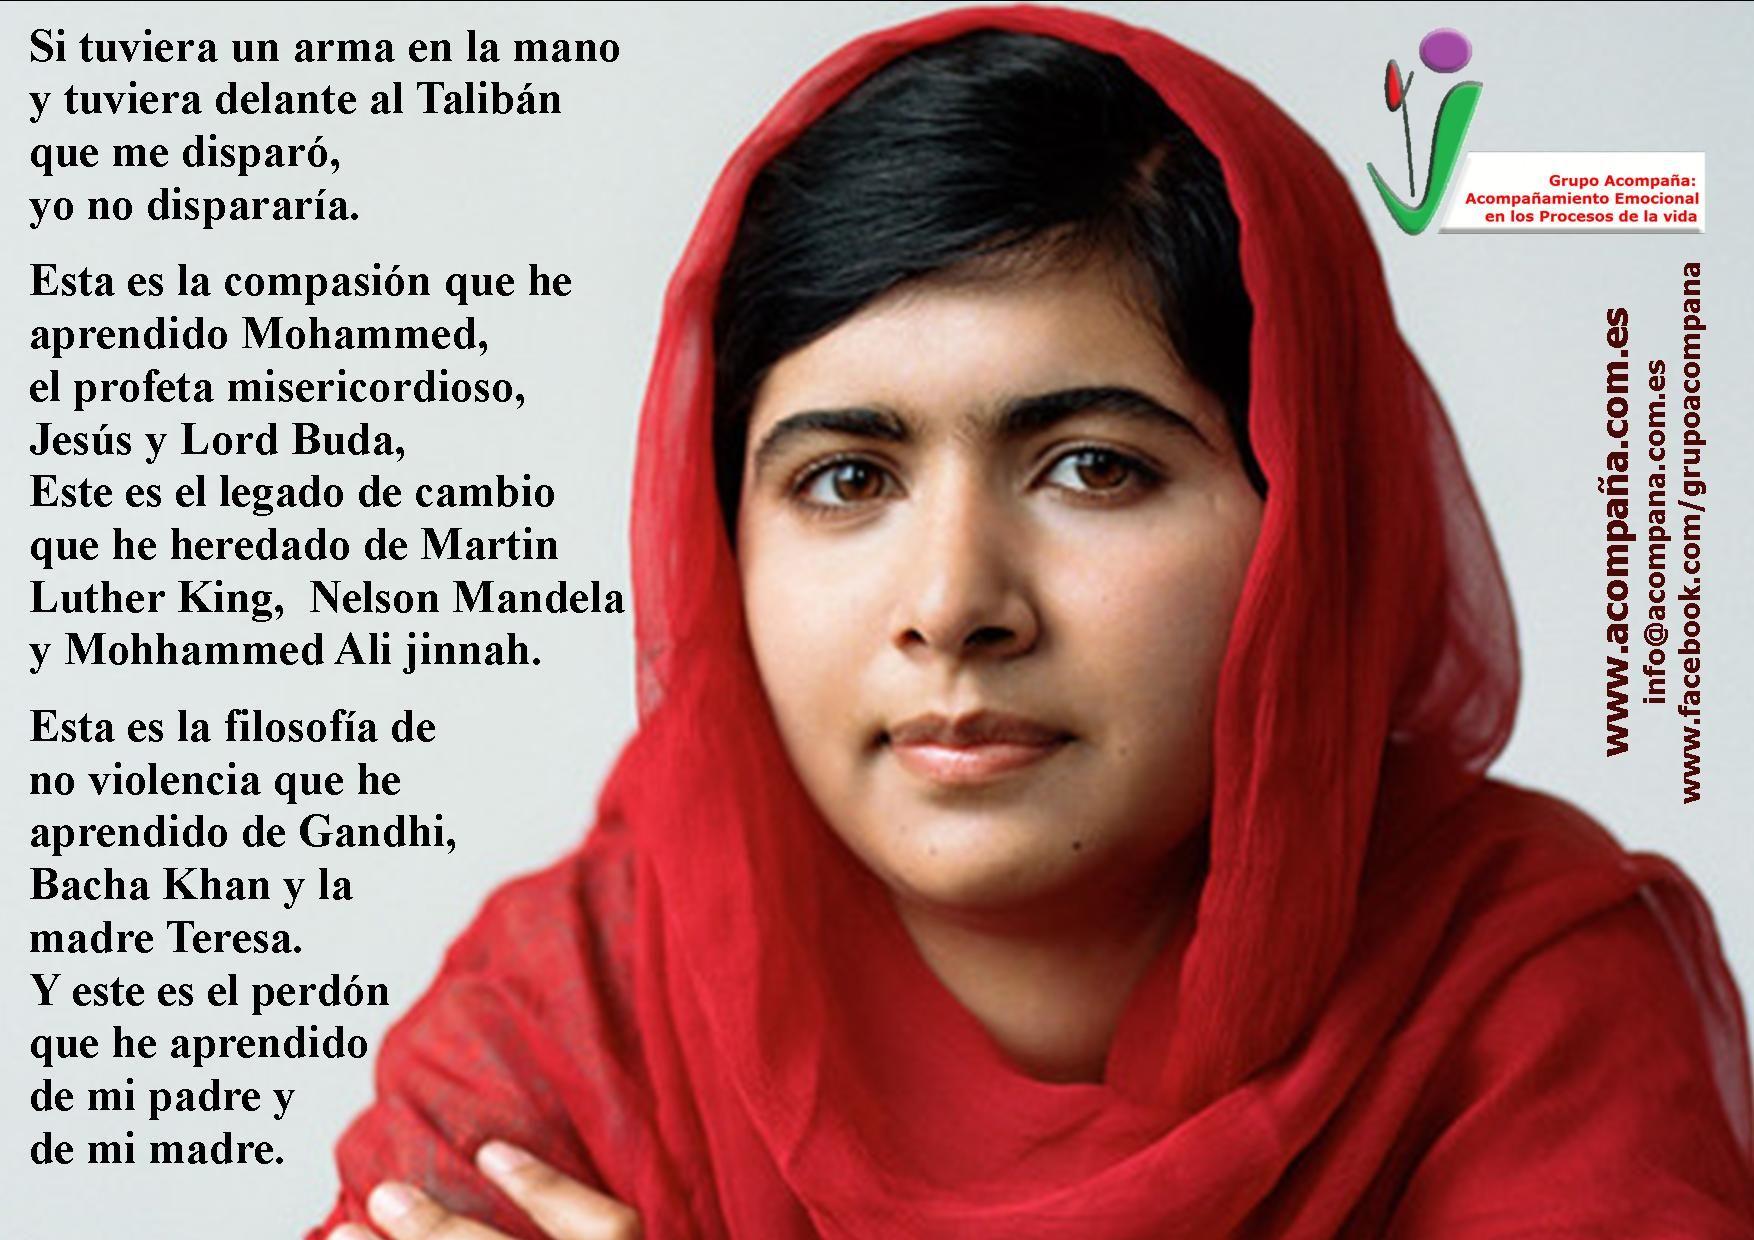 Malala Yousafzai Frases Celebres Buscar Con Google